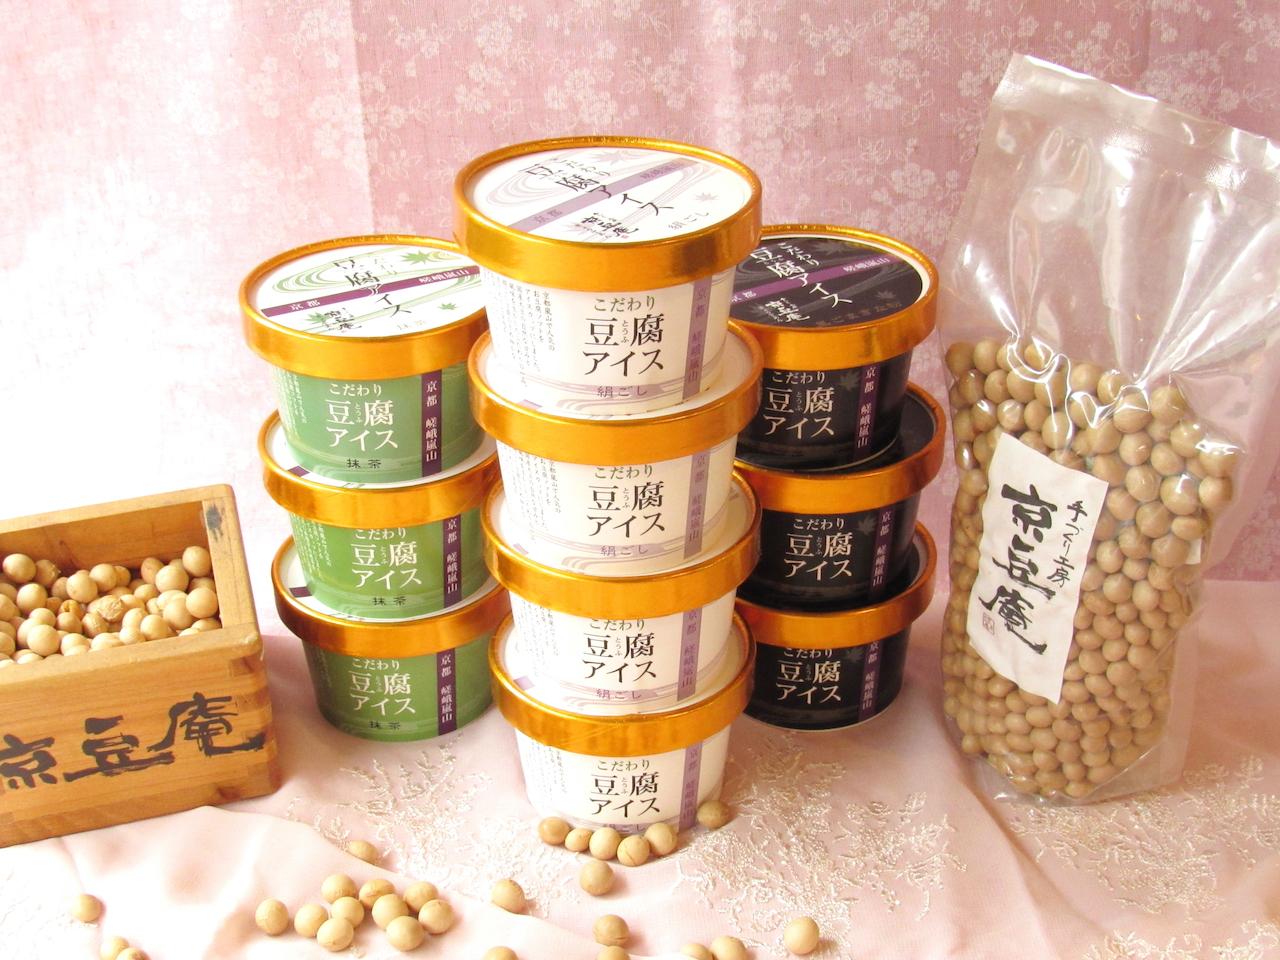 お豆腐アイス 宇治抹茶豆腐 (10個入り)